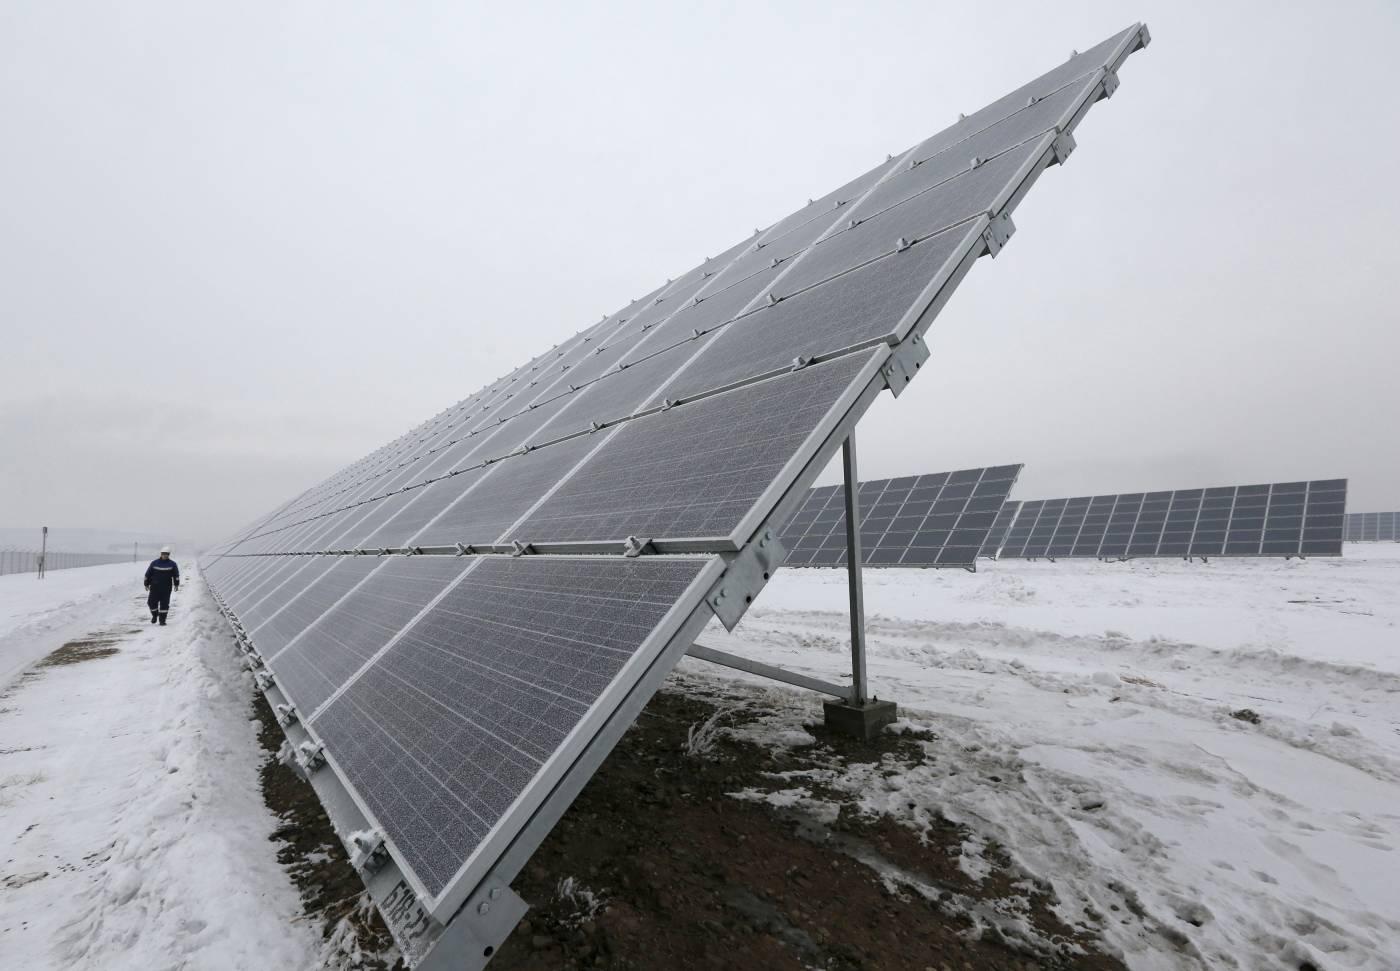 Nga triển khai dự án lắp đặt hệ thống lưu trữ năng lượng tại các nhà máy điện mặt trời ở vùng Siberia